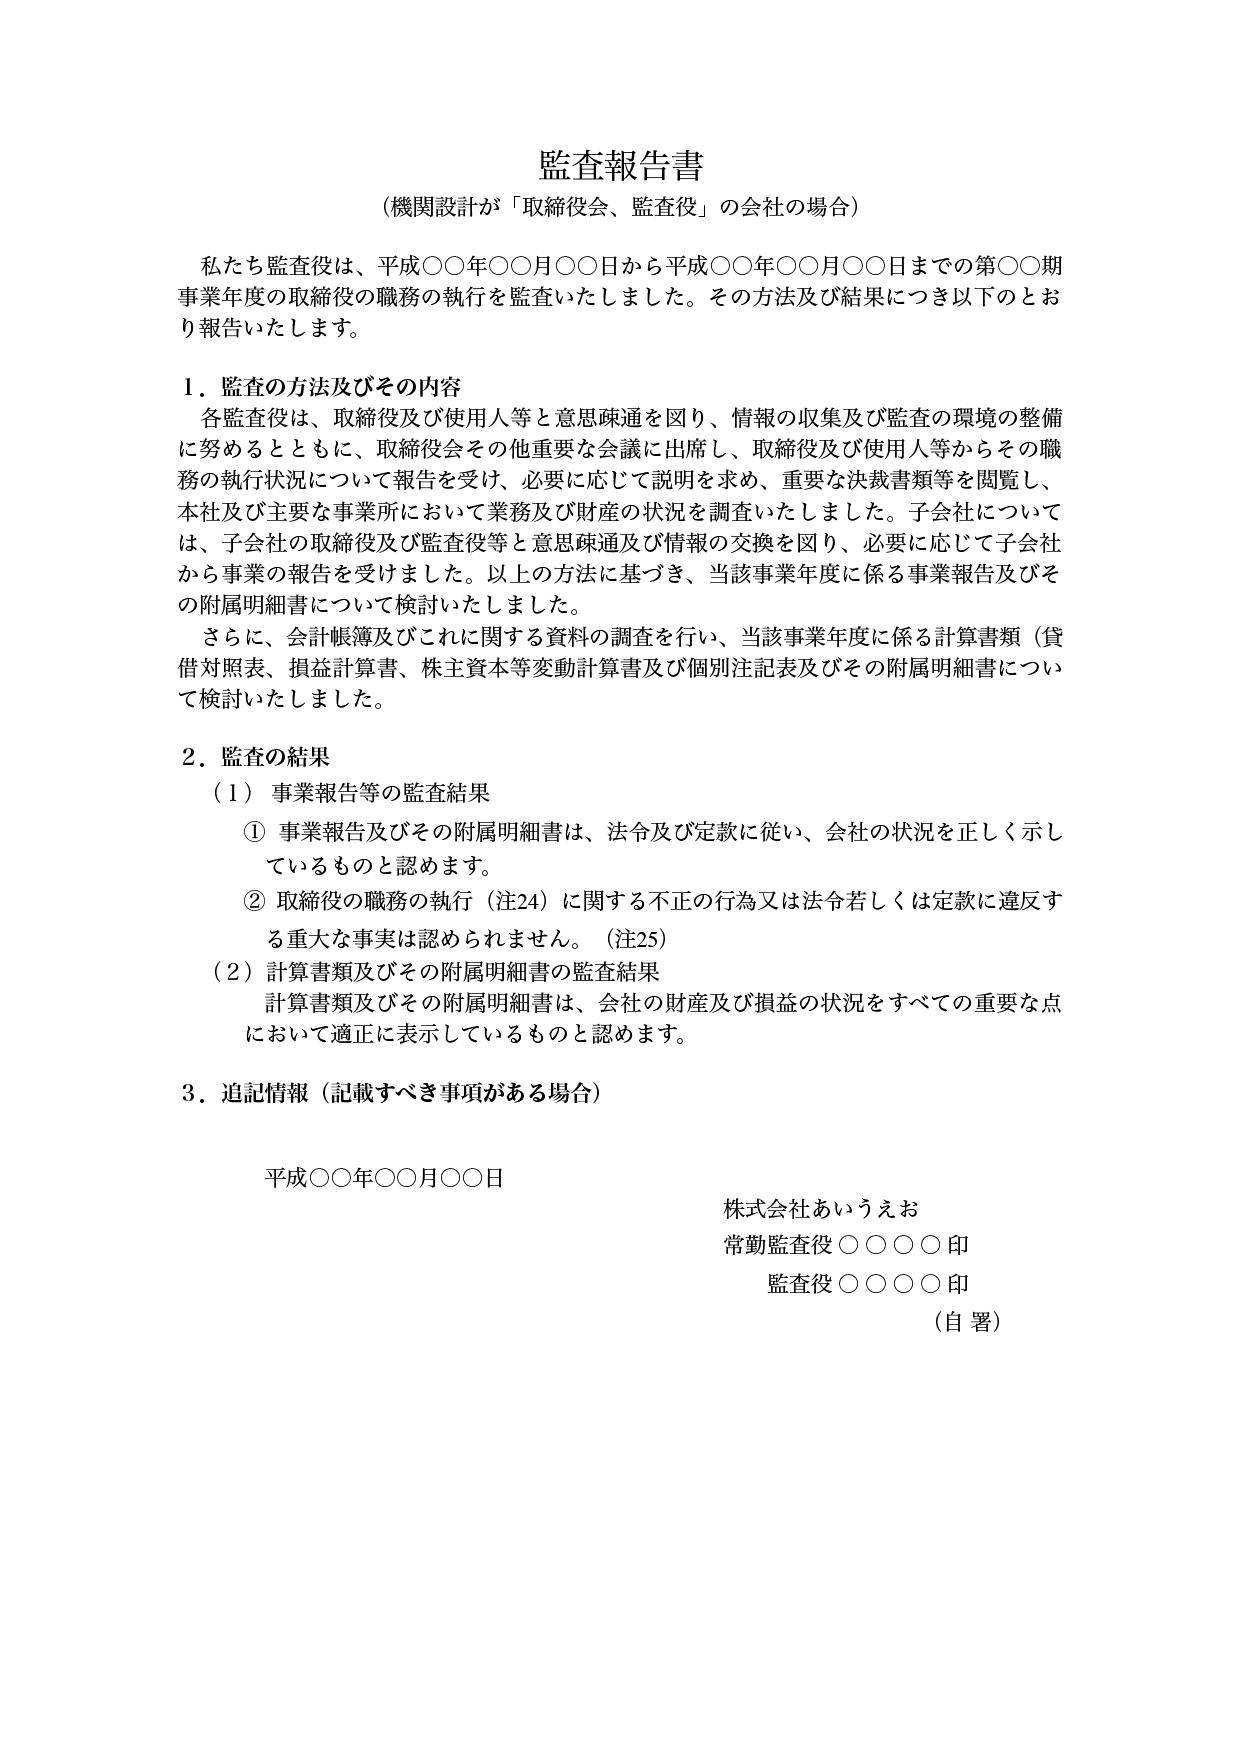 監査報告書テンプレート(ワード・ページズ)